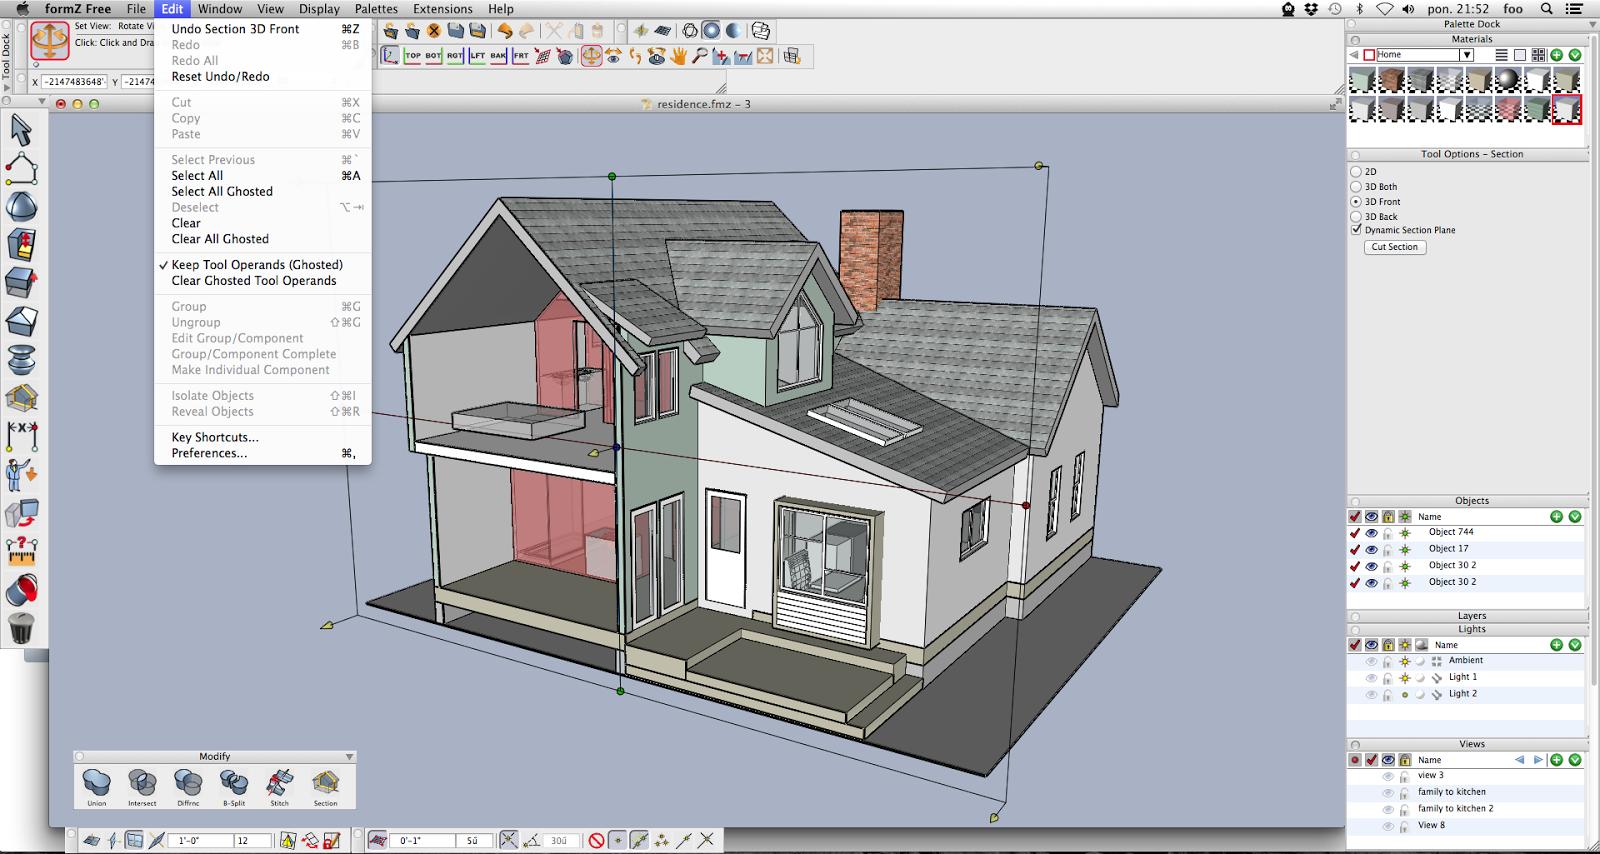 Techlab272 guida ai cad 3d per makers hobbysti e per la - Progettare casa 3d gratis ...